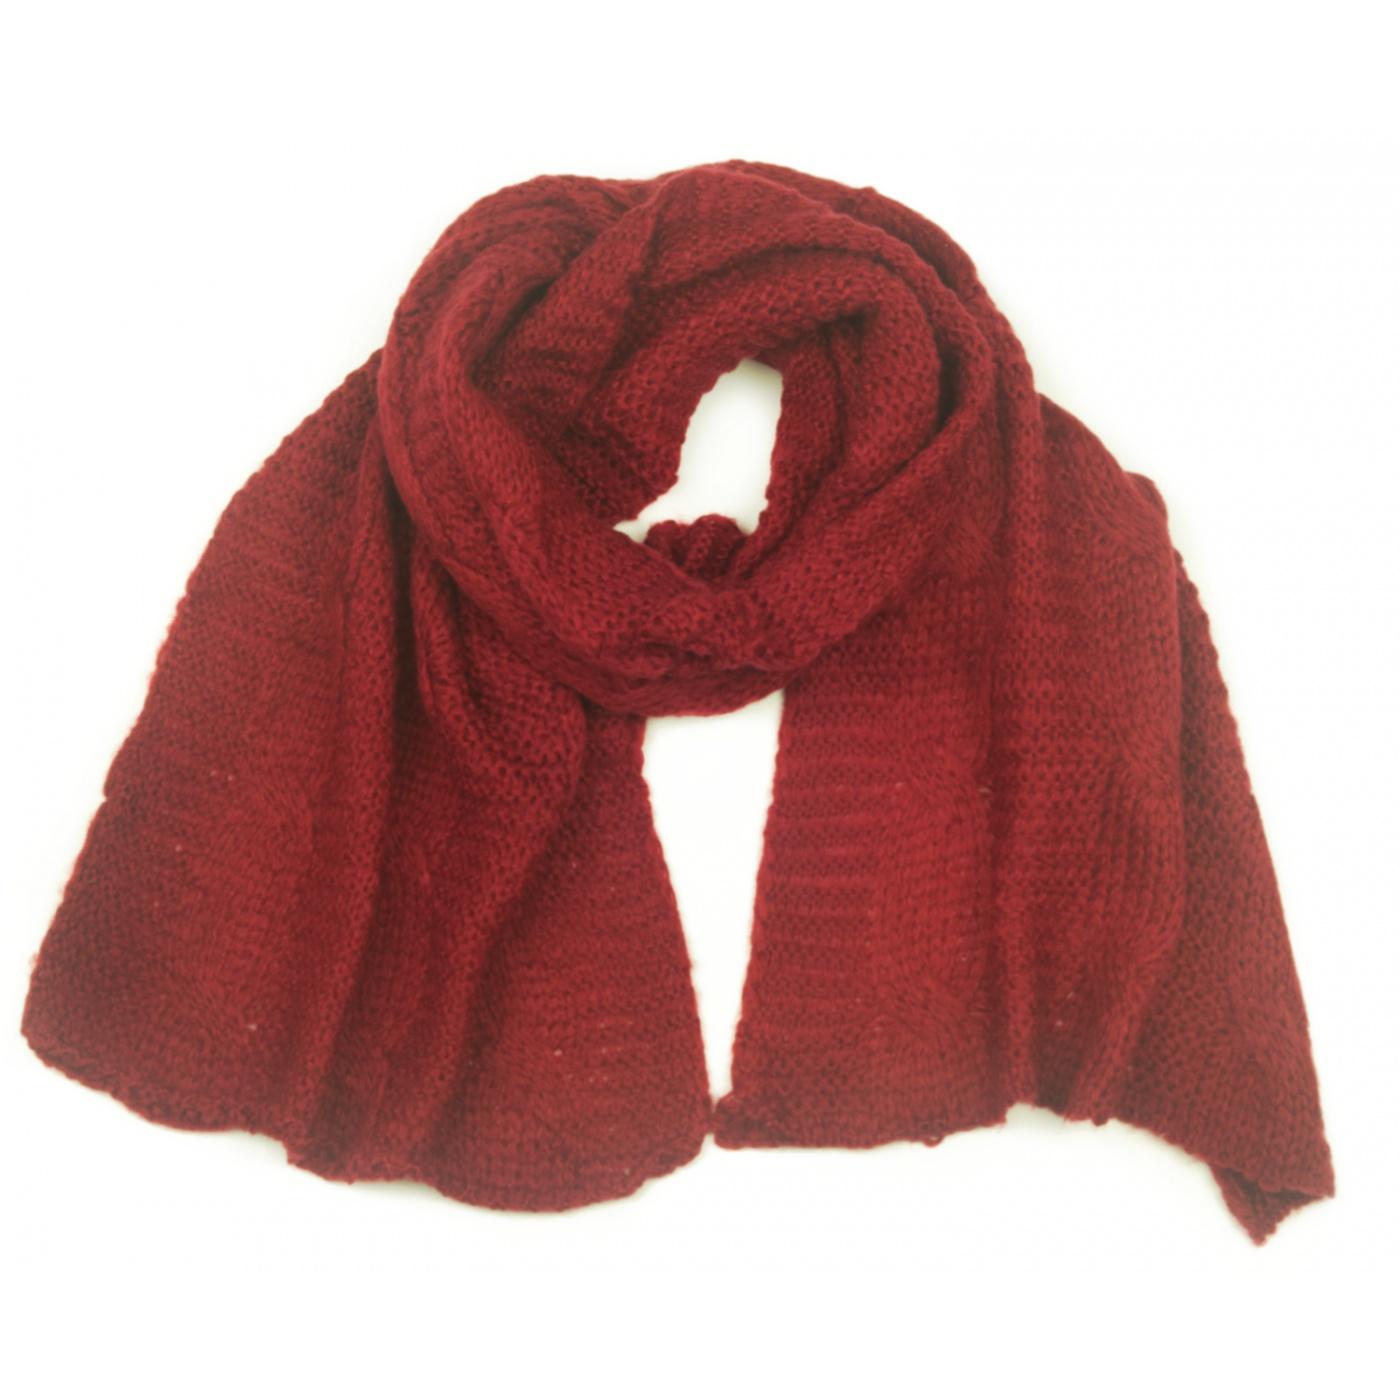 Puszysty damski szalik w warkocze - bordowy ciemna czerwień